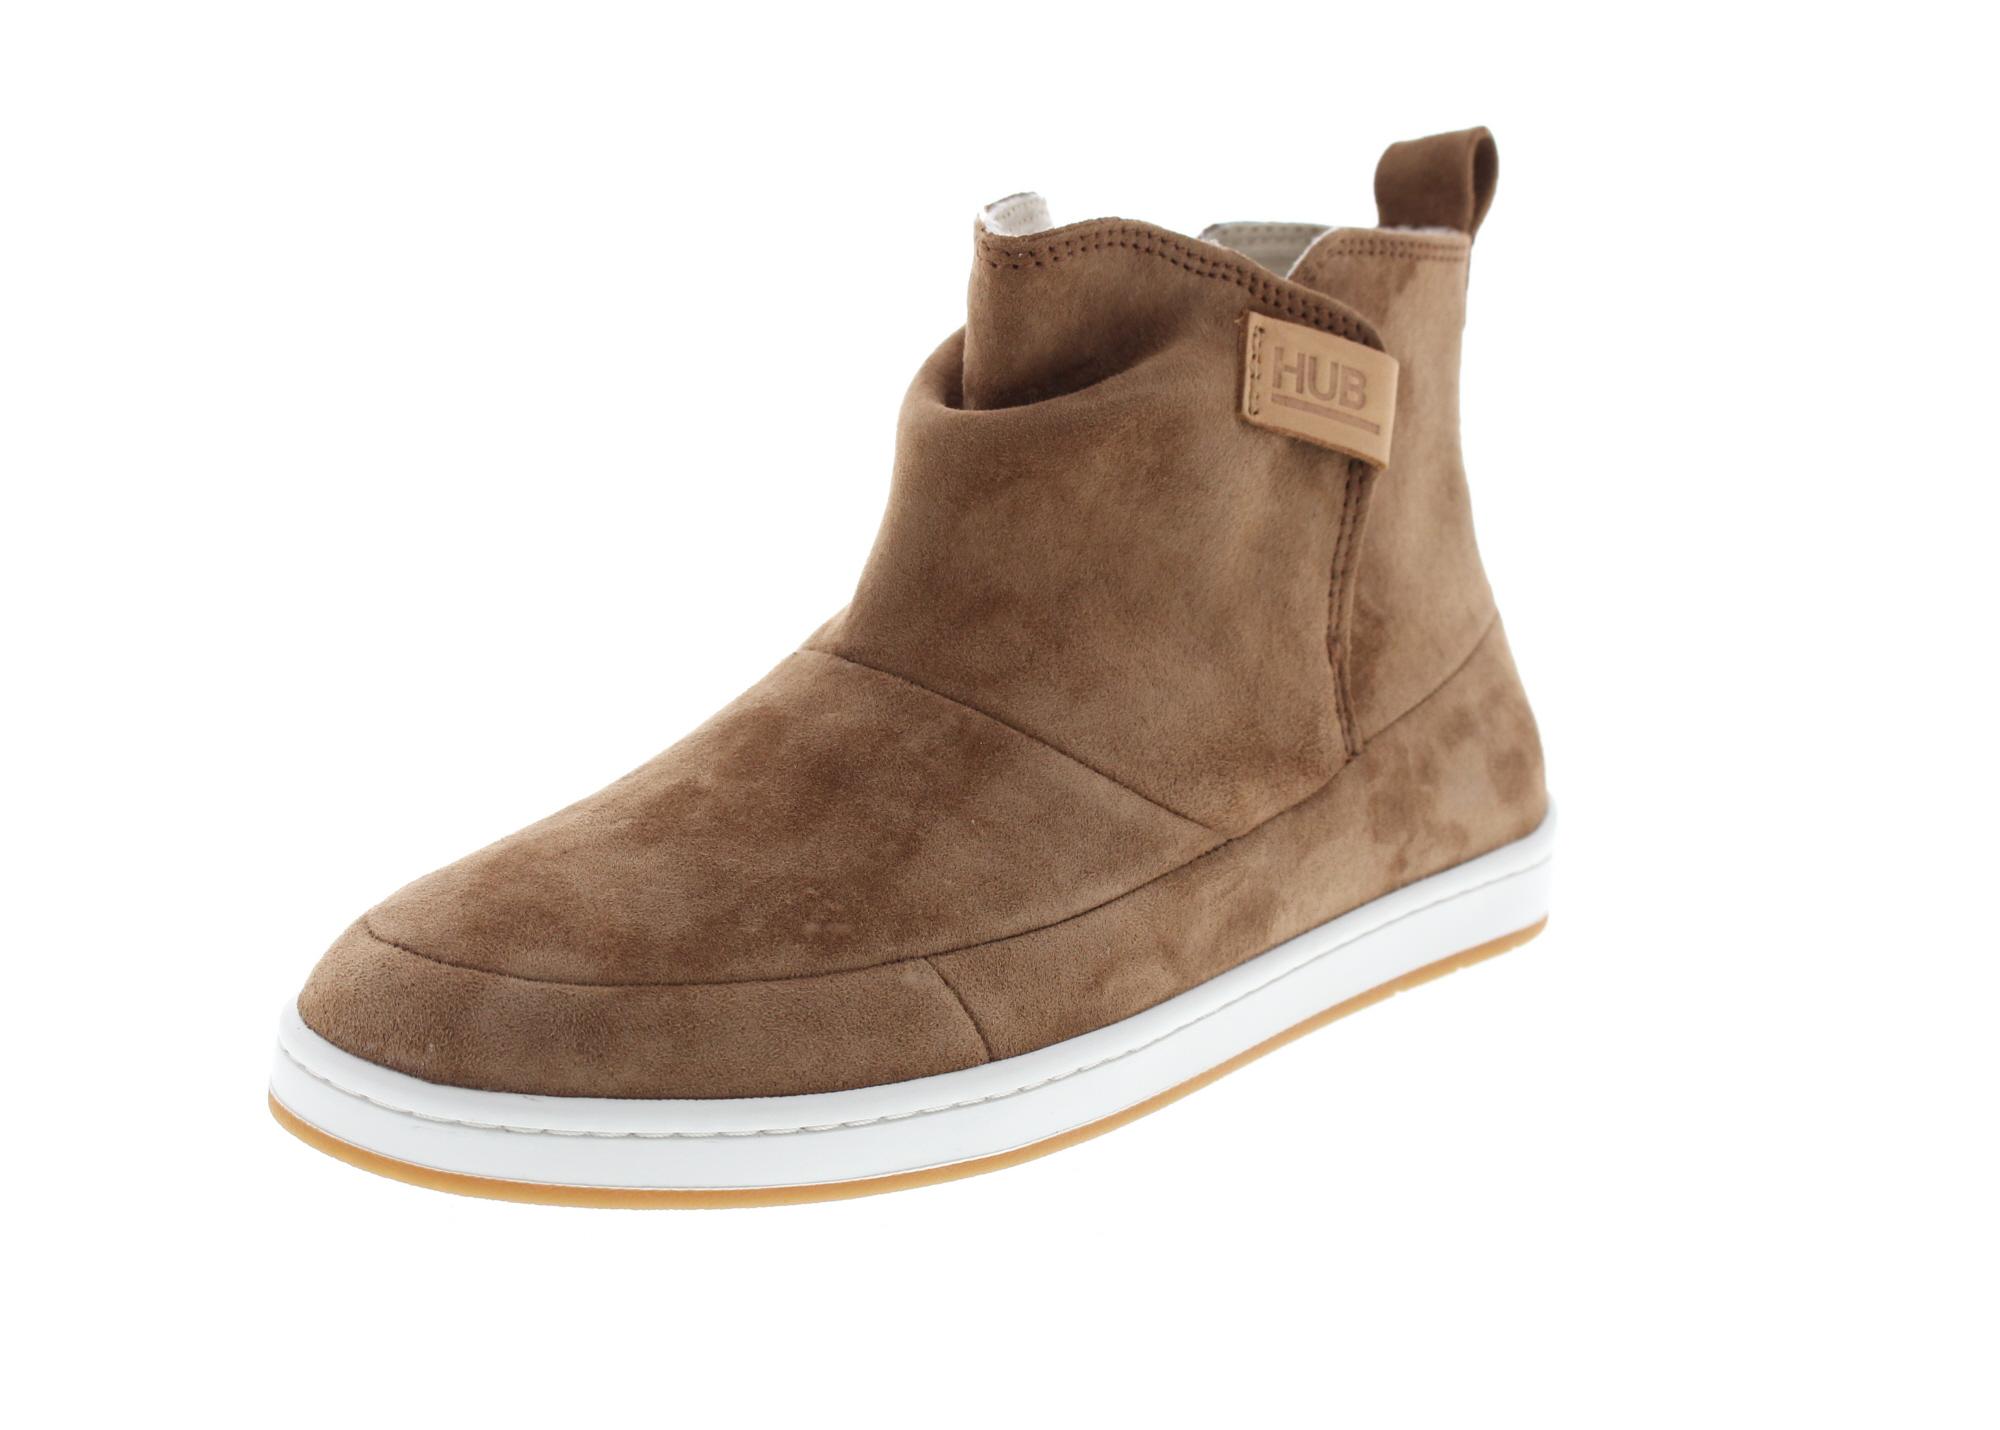 HUB FOOTWEAR Damenschuhe - Booties SERVE N30 - brown0-6730